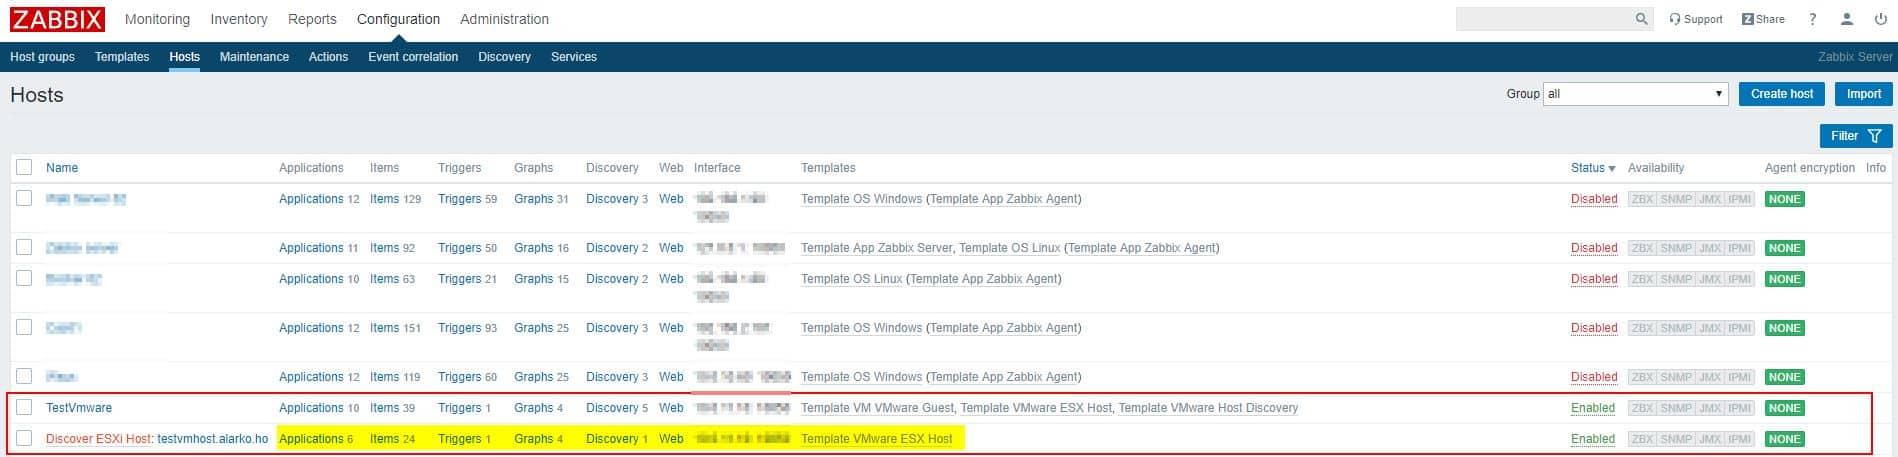 Zabbix Server Vmware Entegrasyonu 7